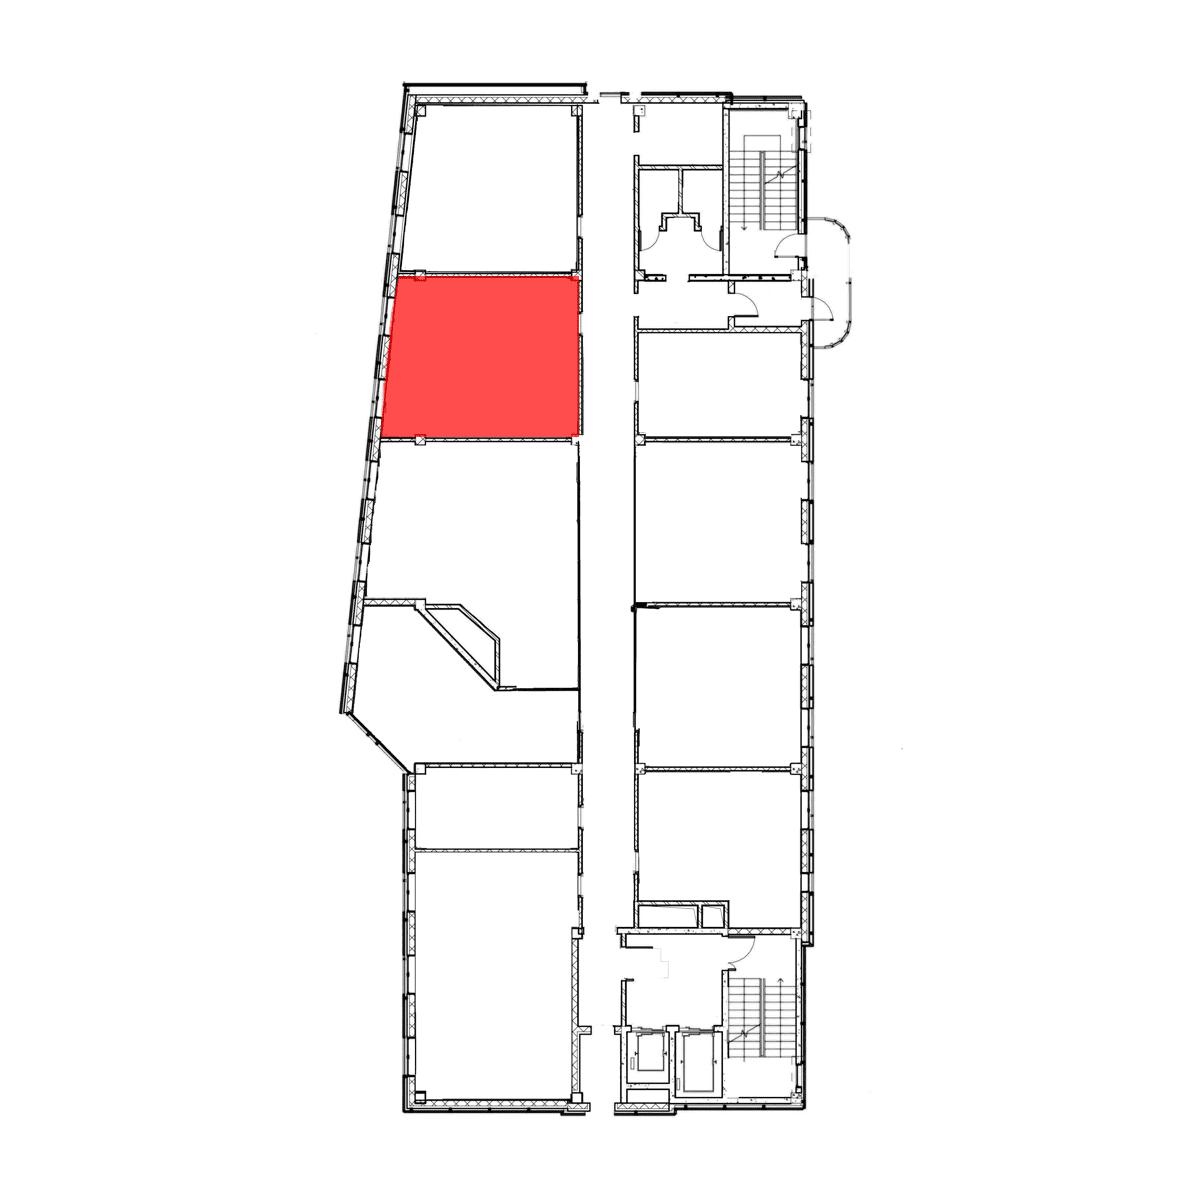 аренда помещения 7 этаж 45 м2